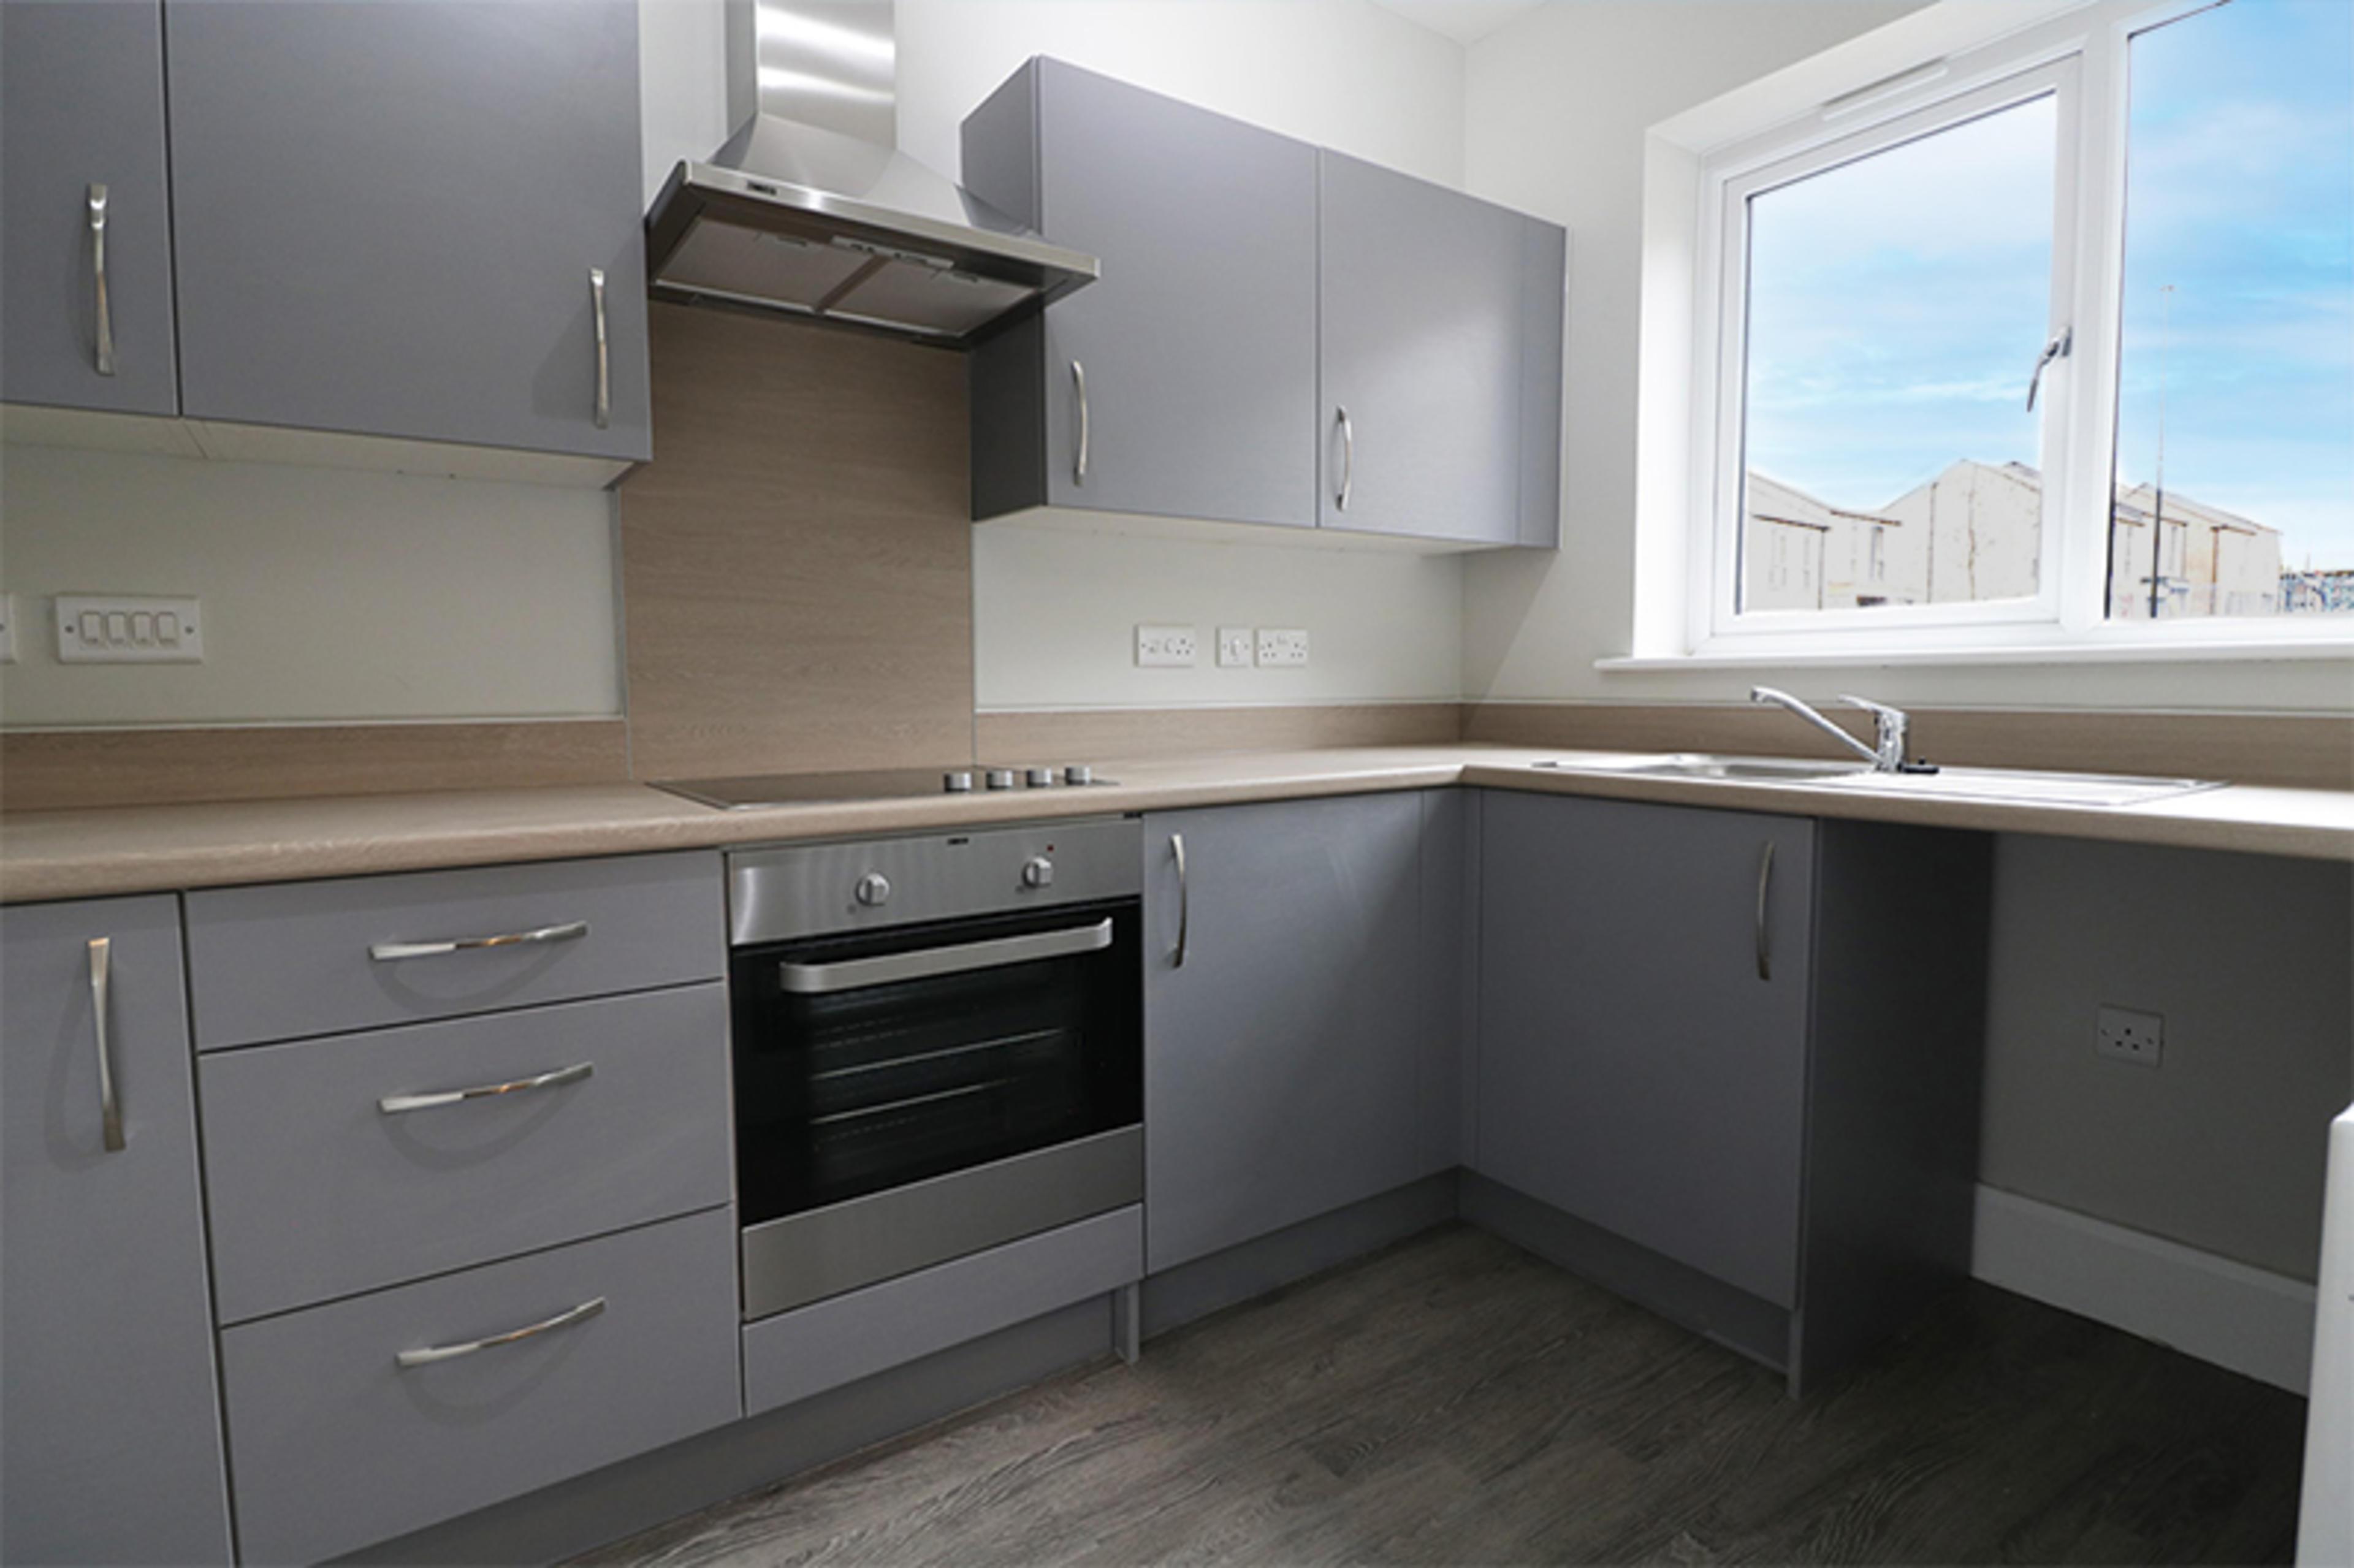 watling-grange-harrogate-friar-2-bed-home-kitchen-1